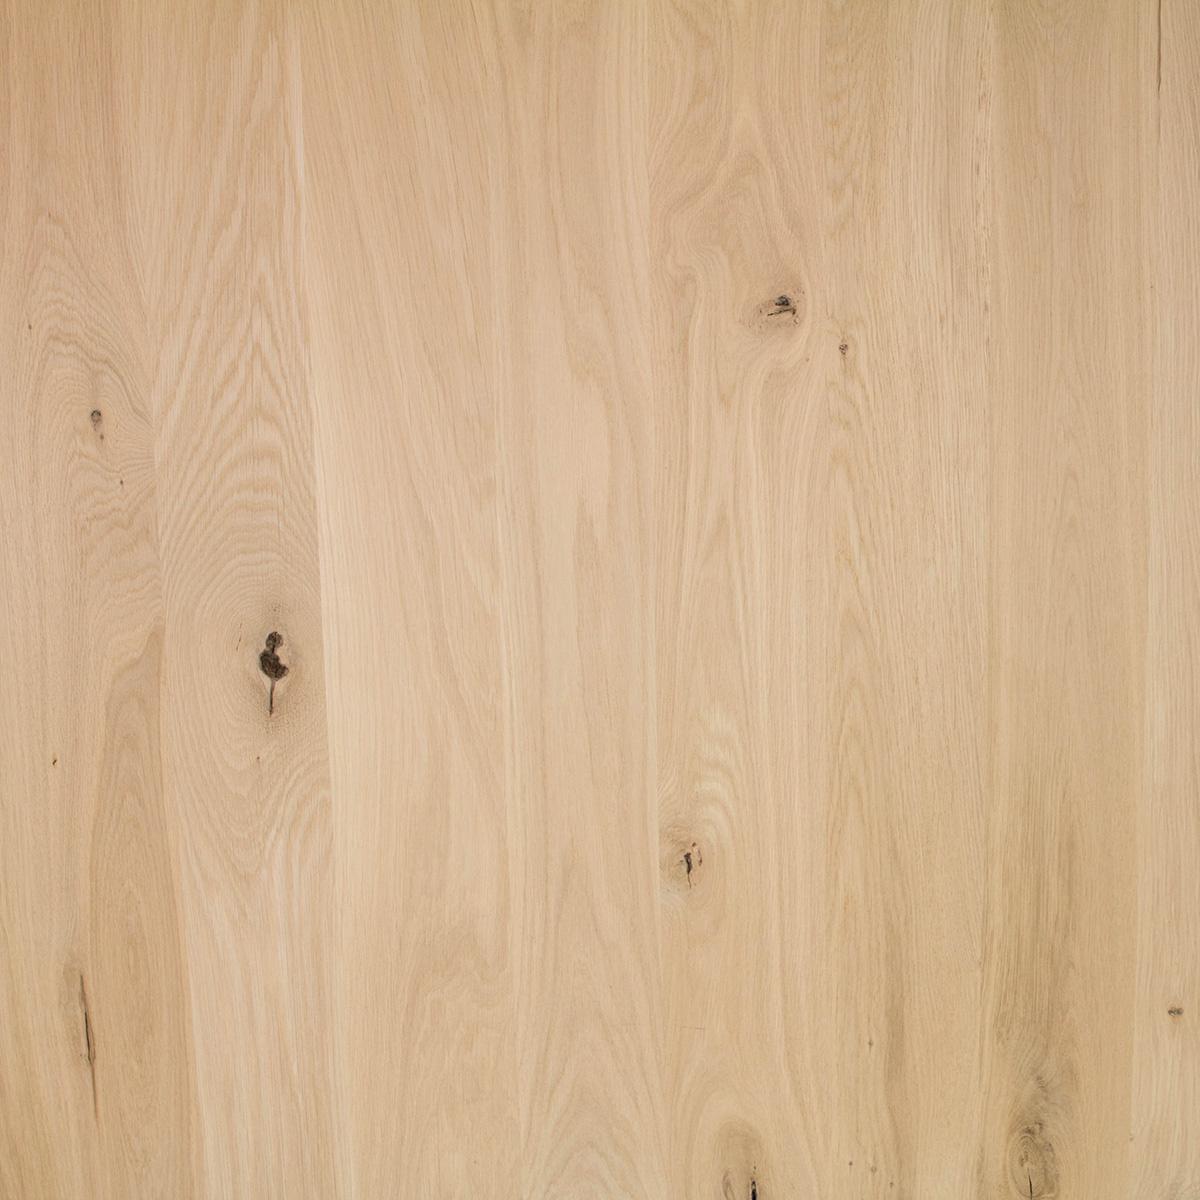 Eiken A-tafelpoten (SET - 2 stuks) 12x12cm - 85 cm breed - 72 cm hoog -  A-poot van Rustiek eikenhout - verlijmd kd 8-12%